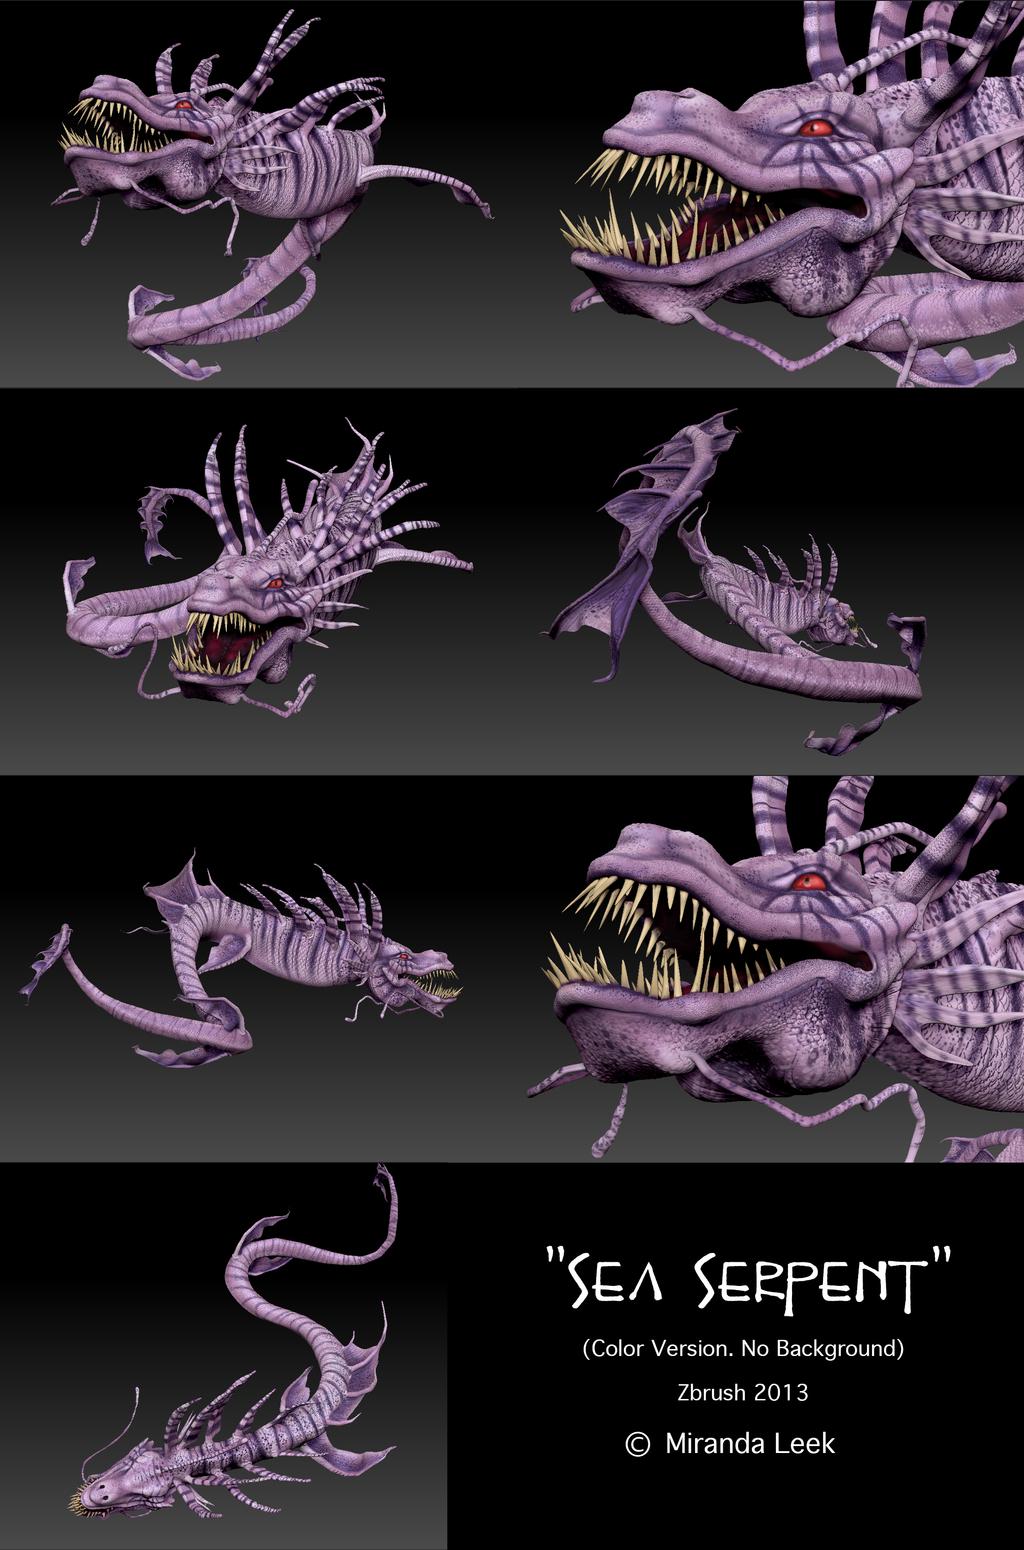 Sea Serpent (color version)